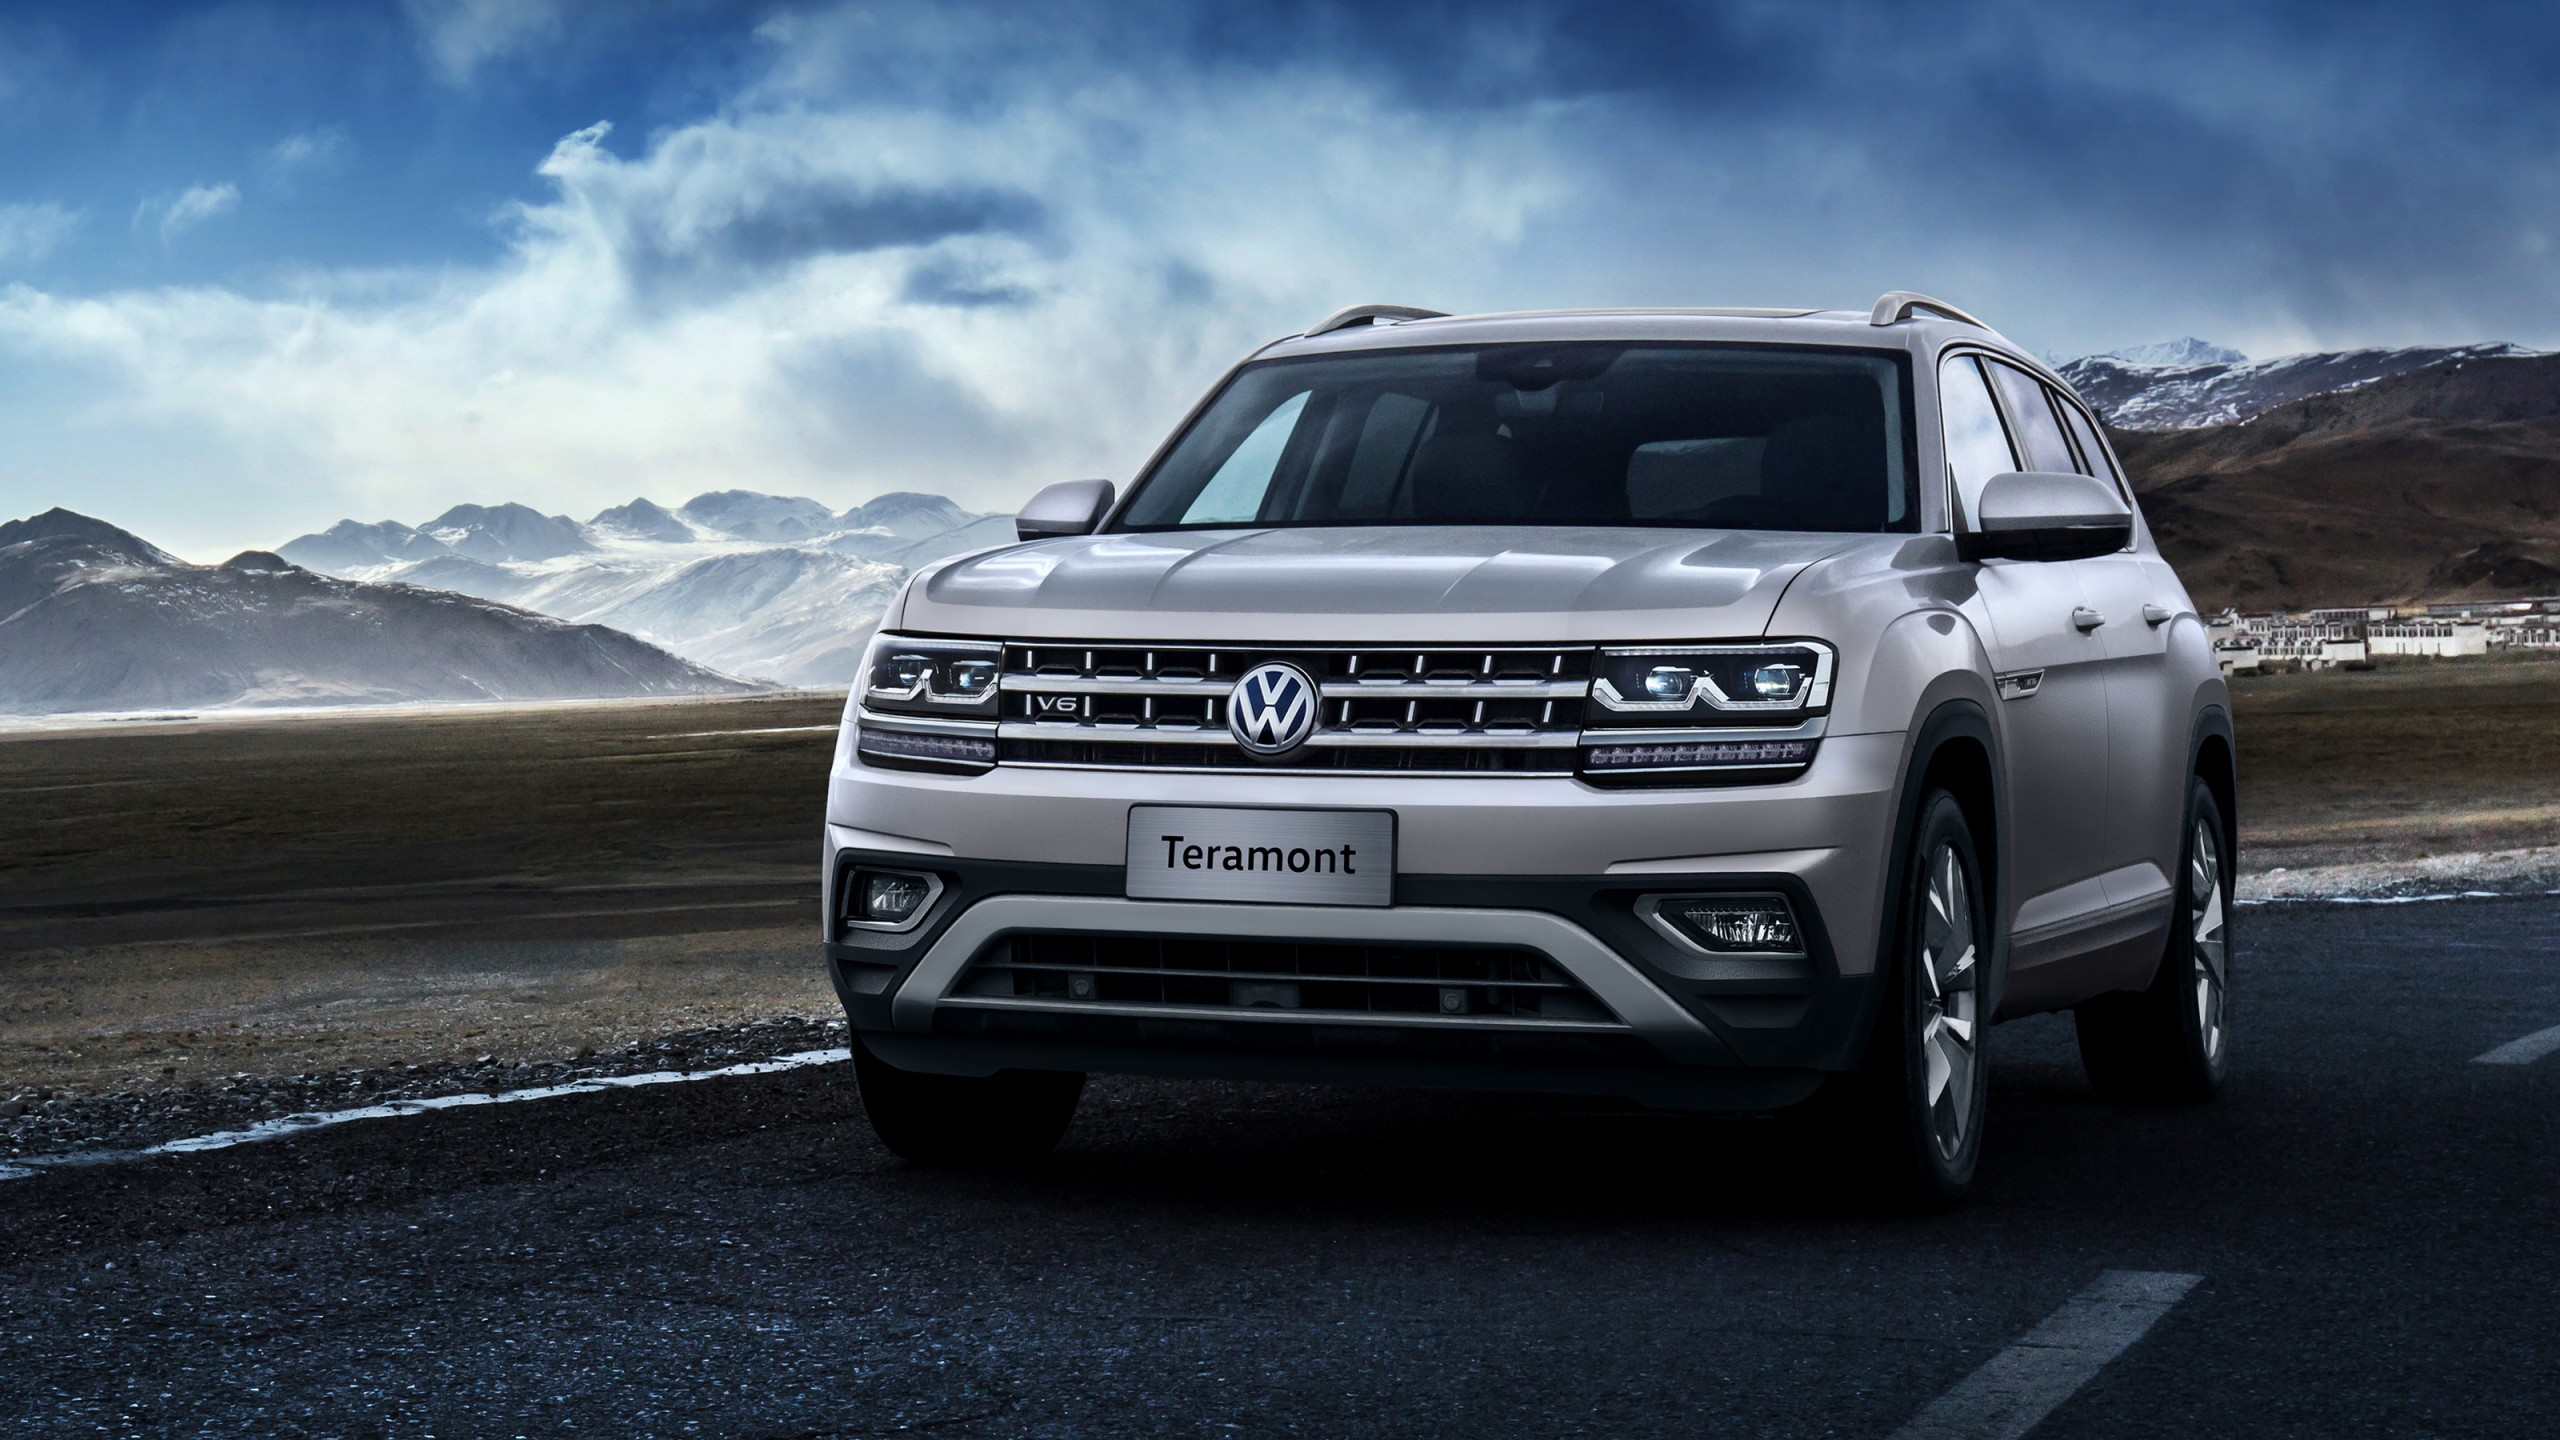 2019 Volkswagen Teramont Wallpaper Hd Car Wallpapers